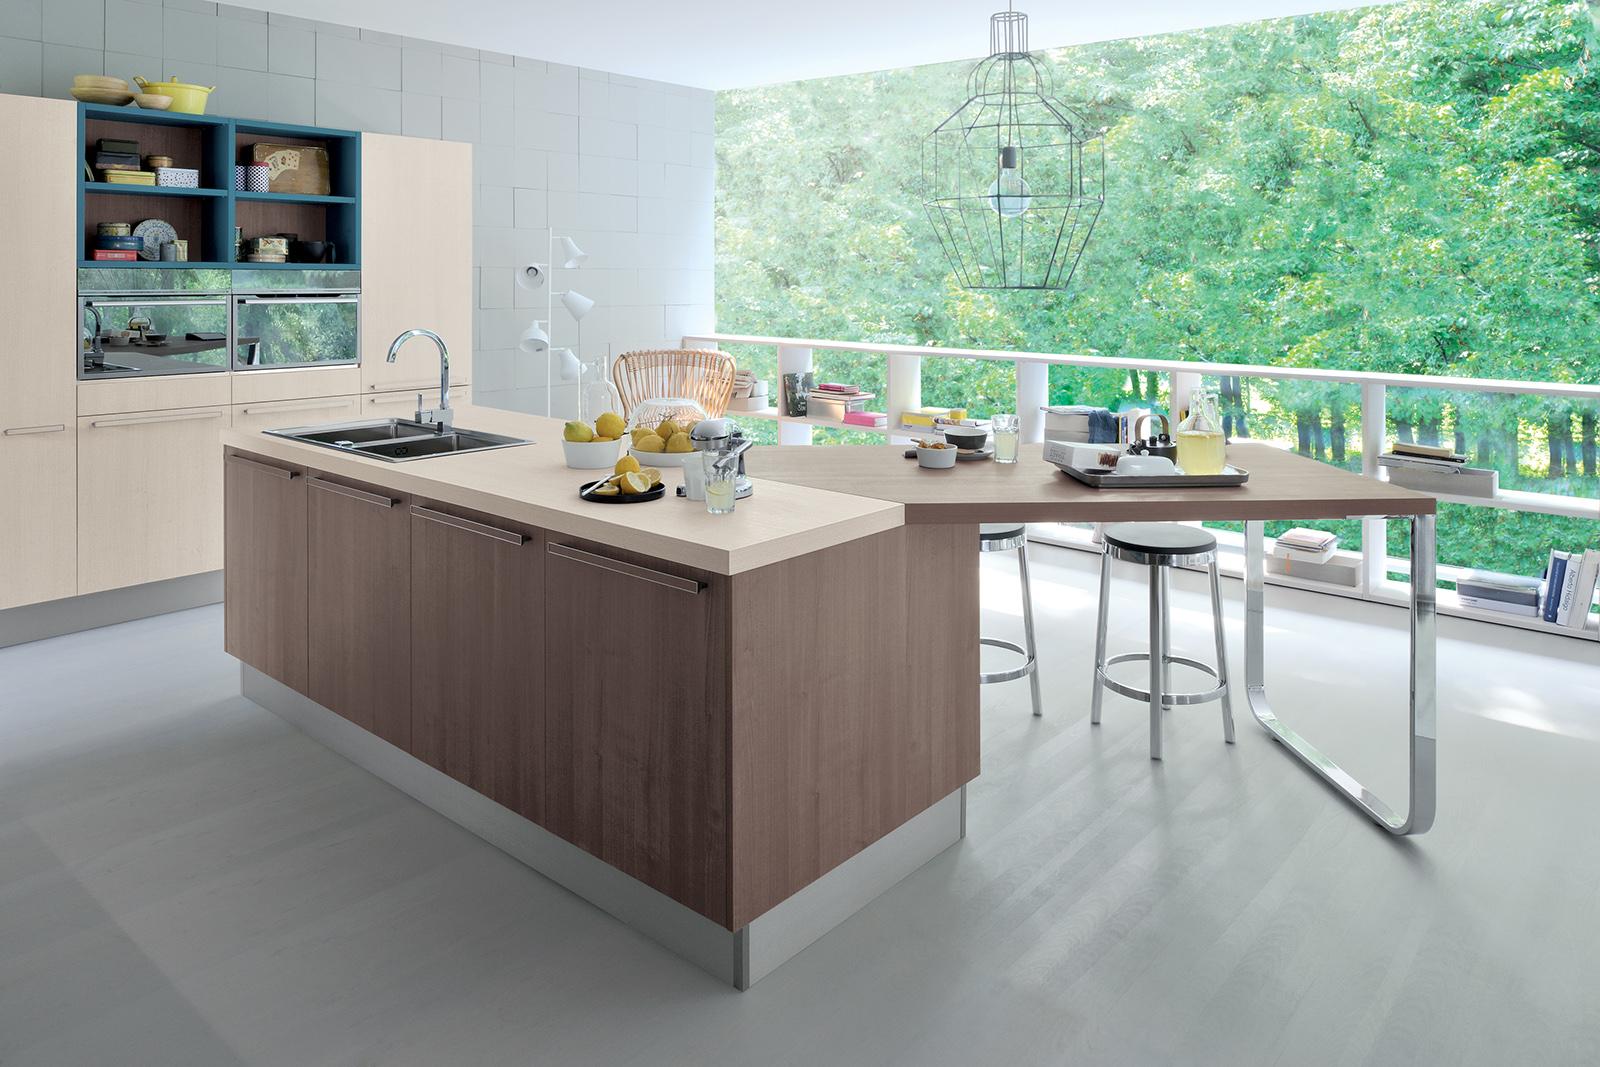 Hal Ini Berbaur Dengan Hidup Ethica Veneta Cucine; Pulau Ini Memiliki  #44875A 1600 1067 Veneta Cucine O Ikea